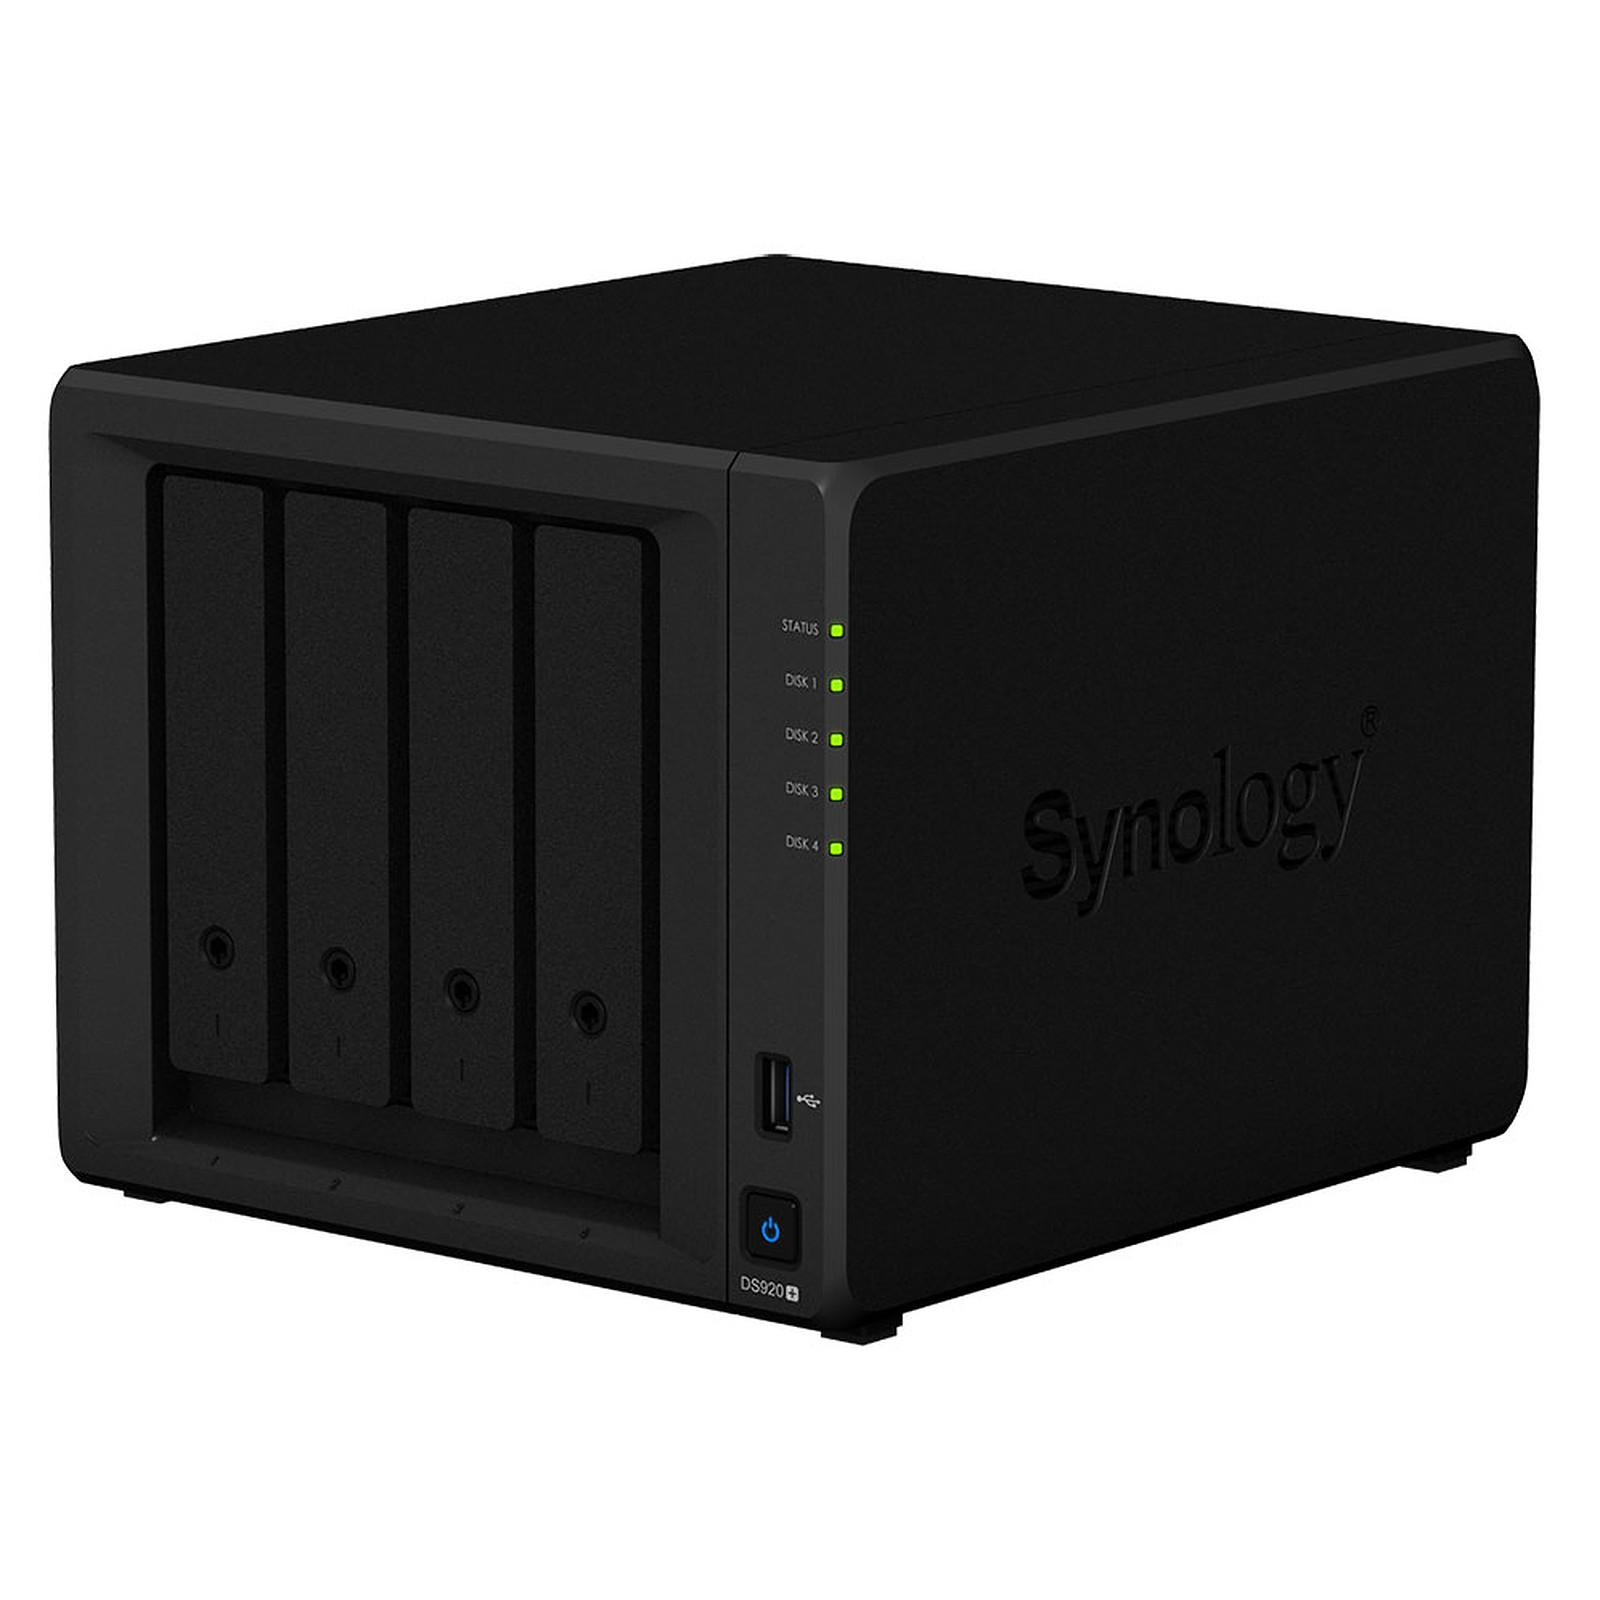 Serveur NAS hautes performances Synology DS920+ pour 4 disques durs SATA, Informatique ile de la Réunion 974